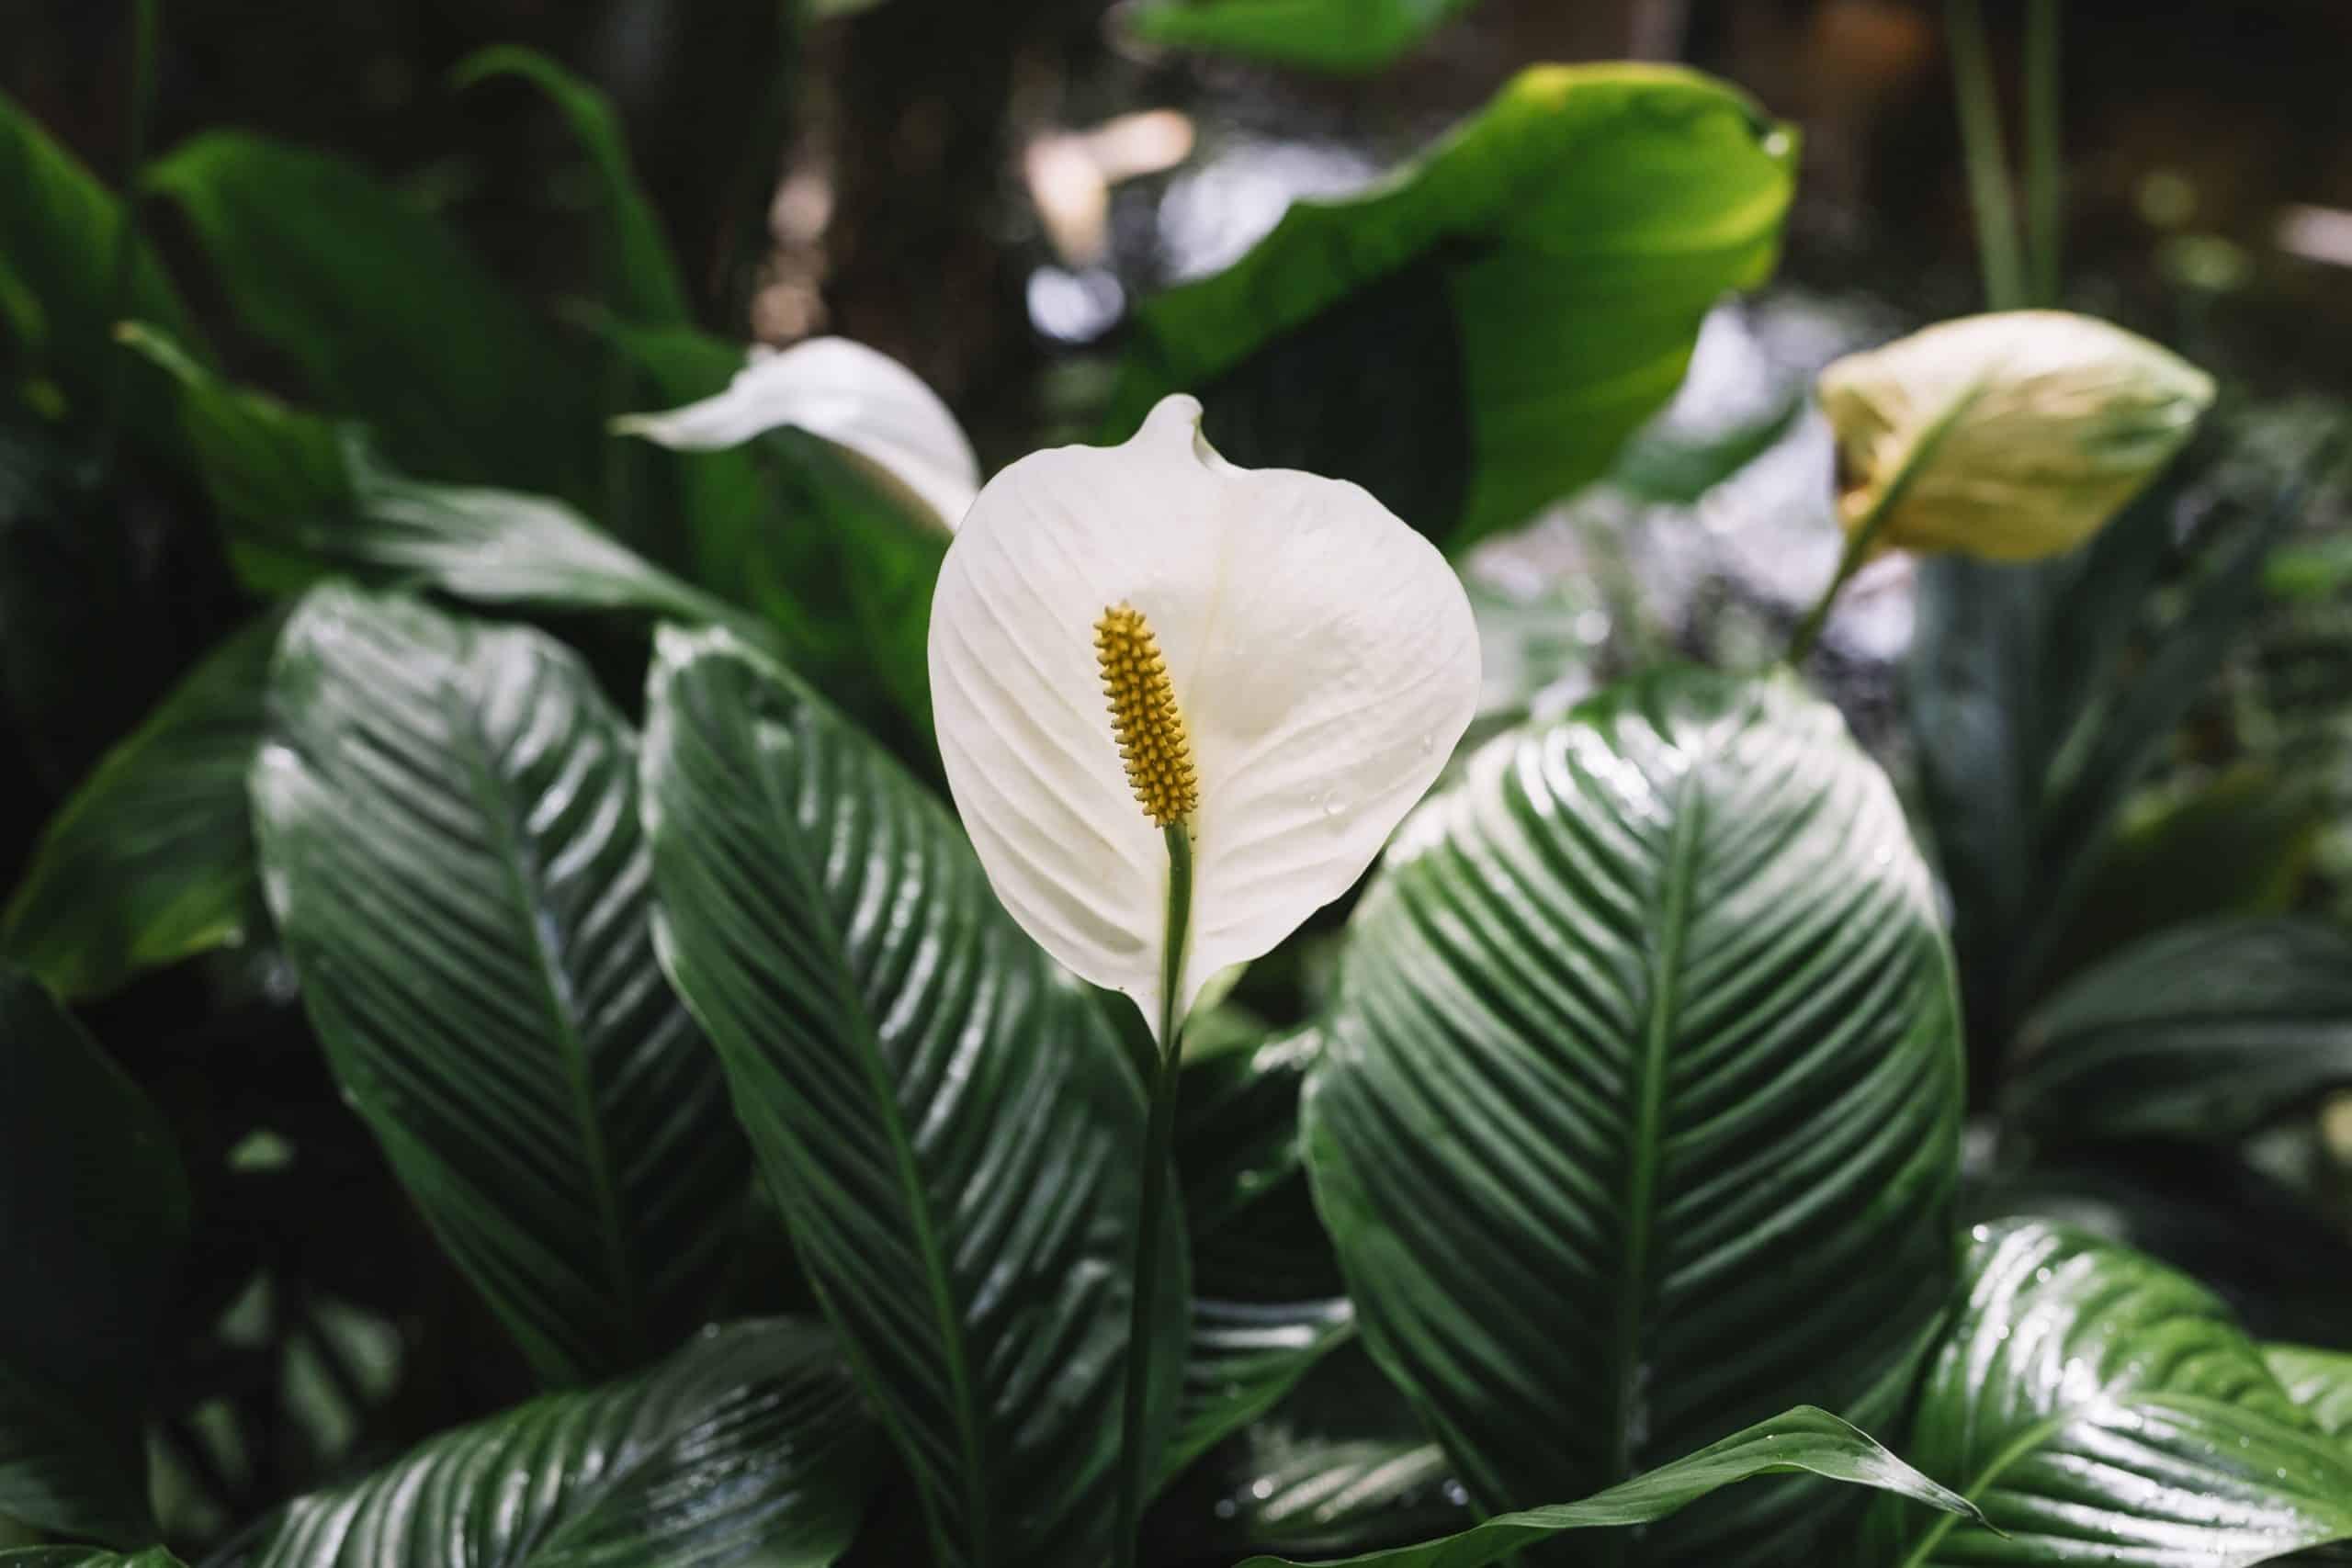 Plante Exterieur Qui Aime L Eau spathiphyllum - fleur de lune - lis de paix : comment l